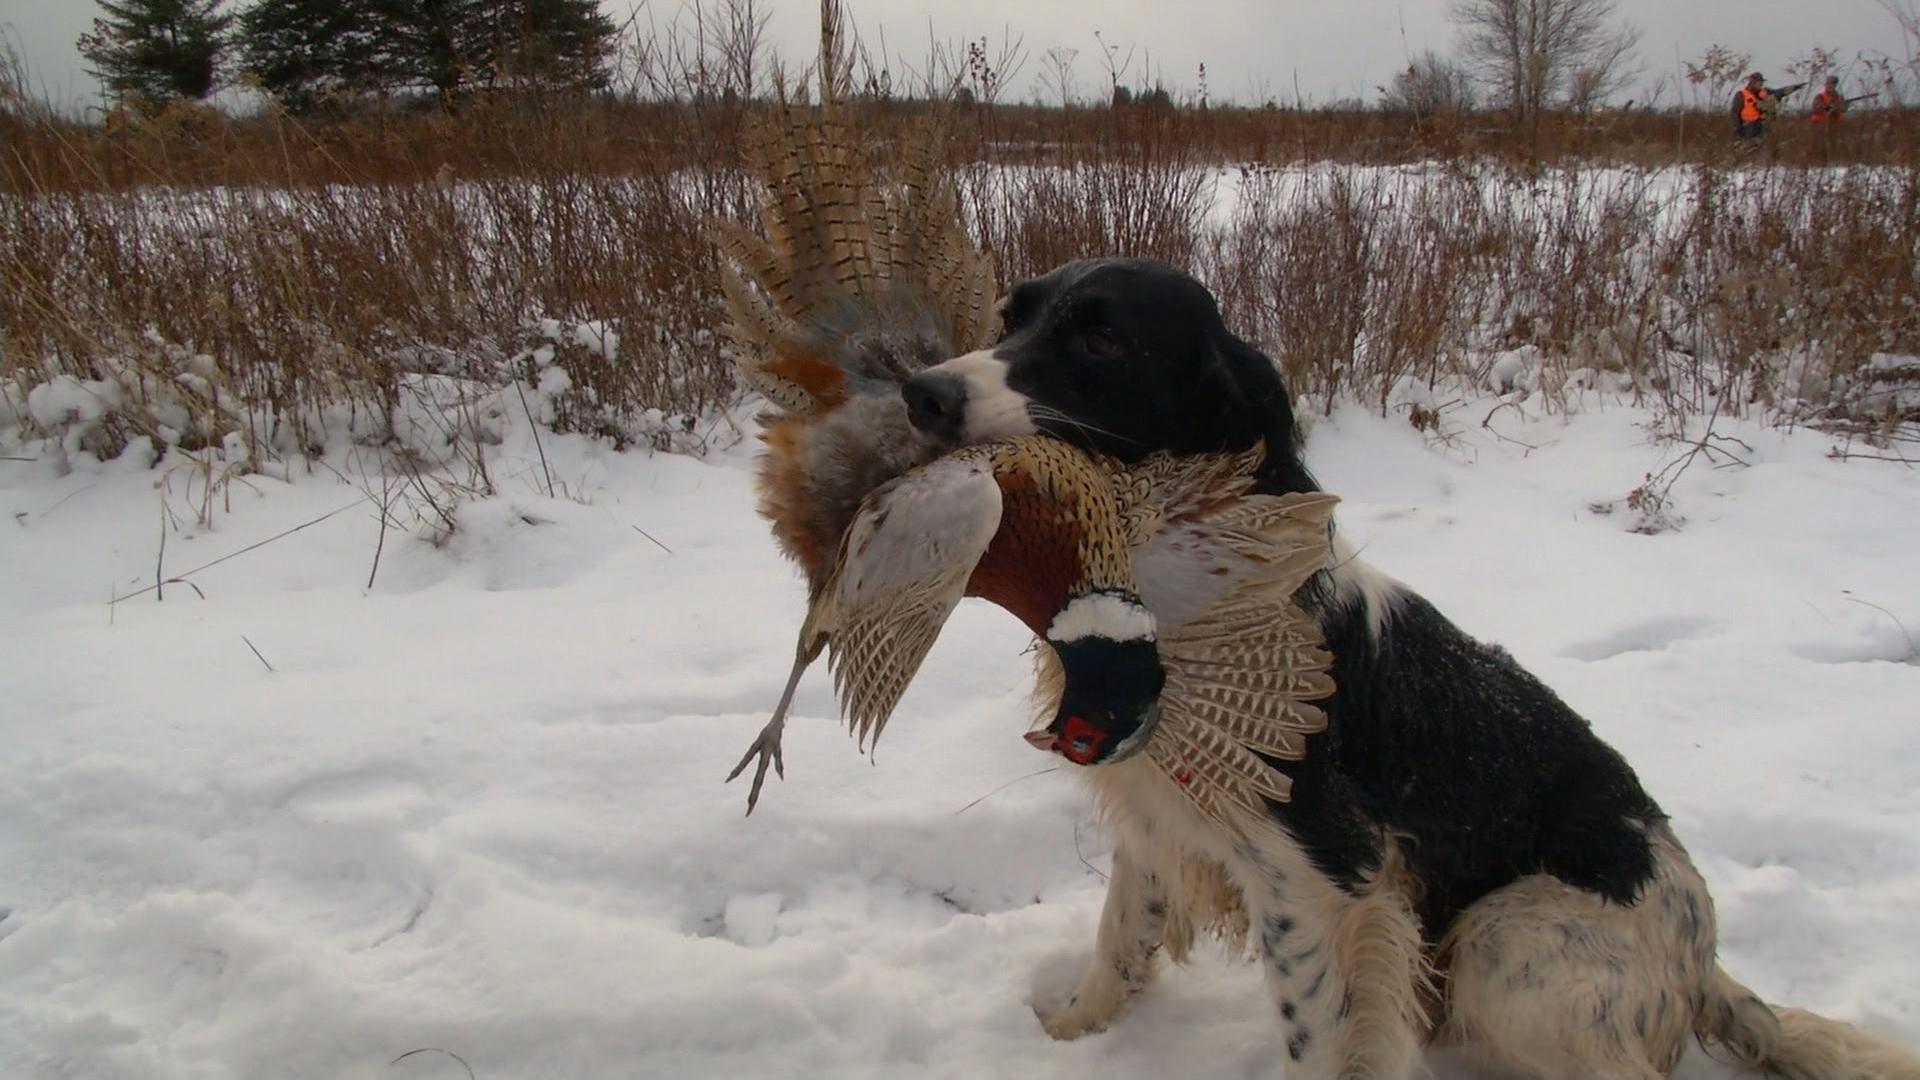 Regarder sur la pêche la chasse du carassin et les cordages